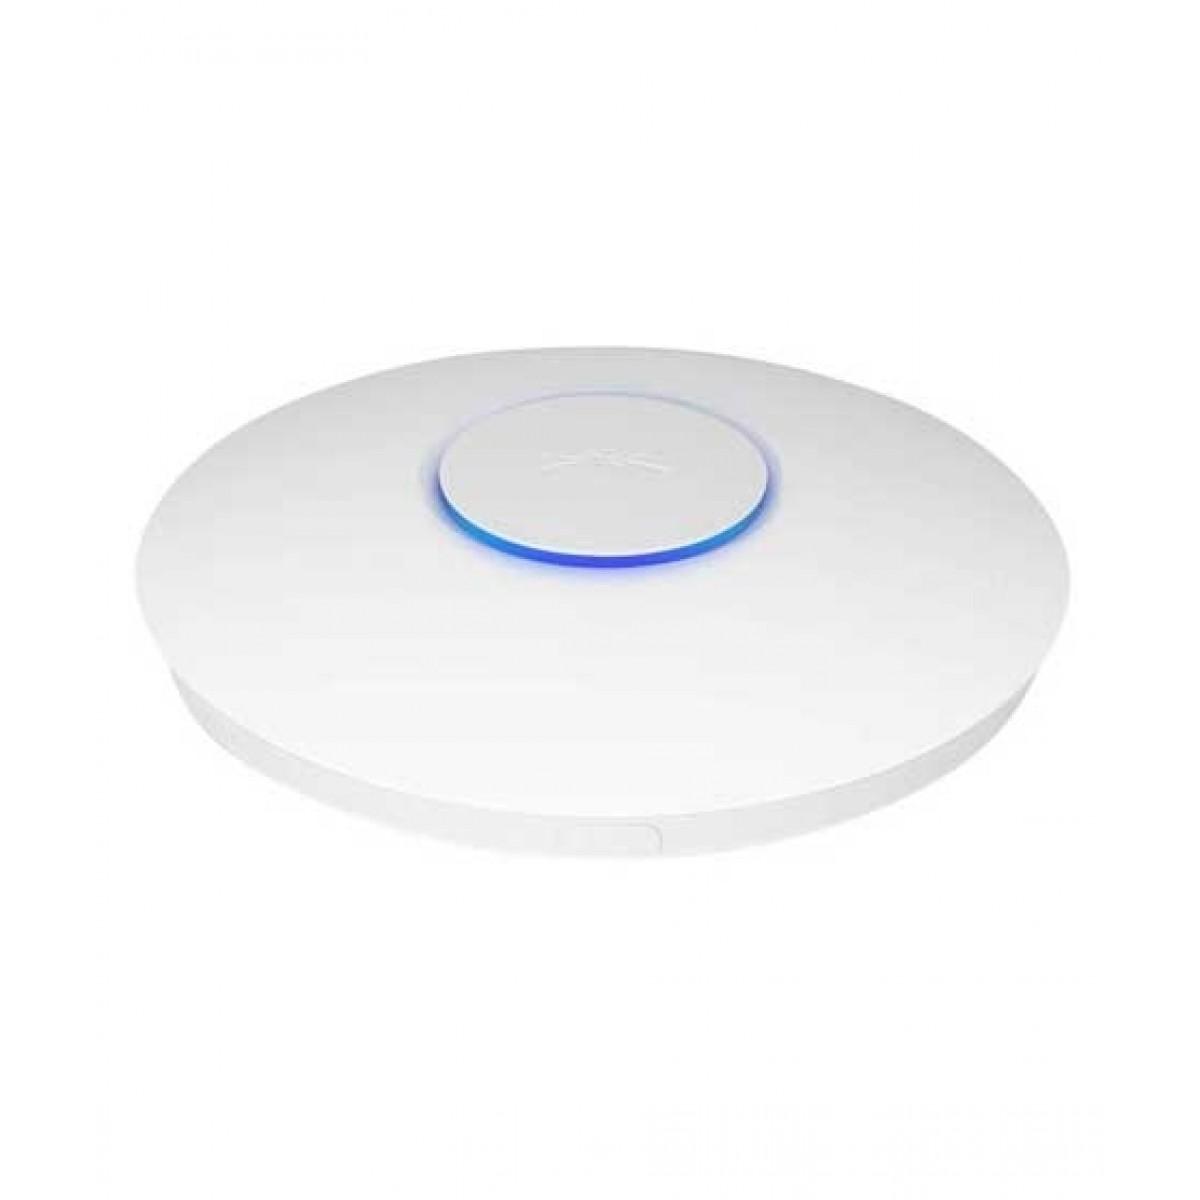 Ubiquiti UniFi AC Pro MIMO Wireless Access Point White (UAP-AC-PRO)